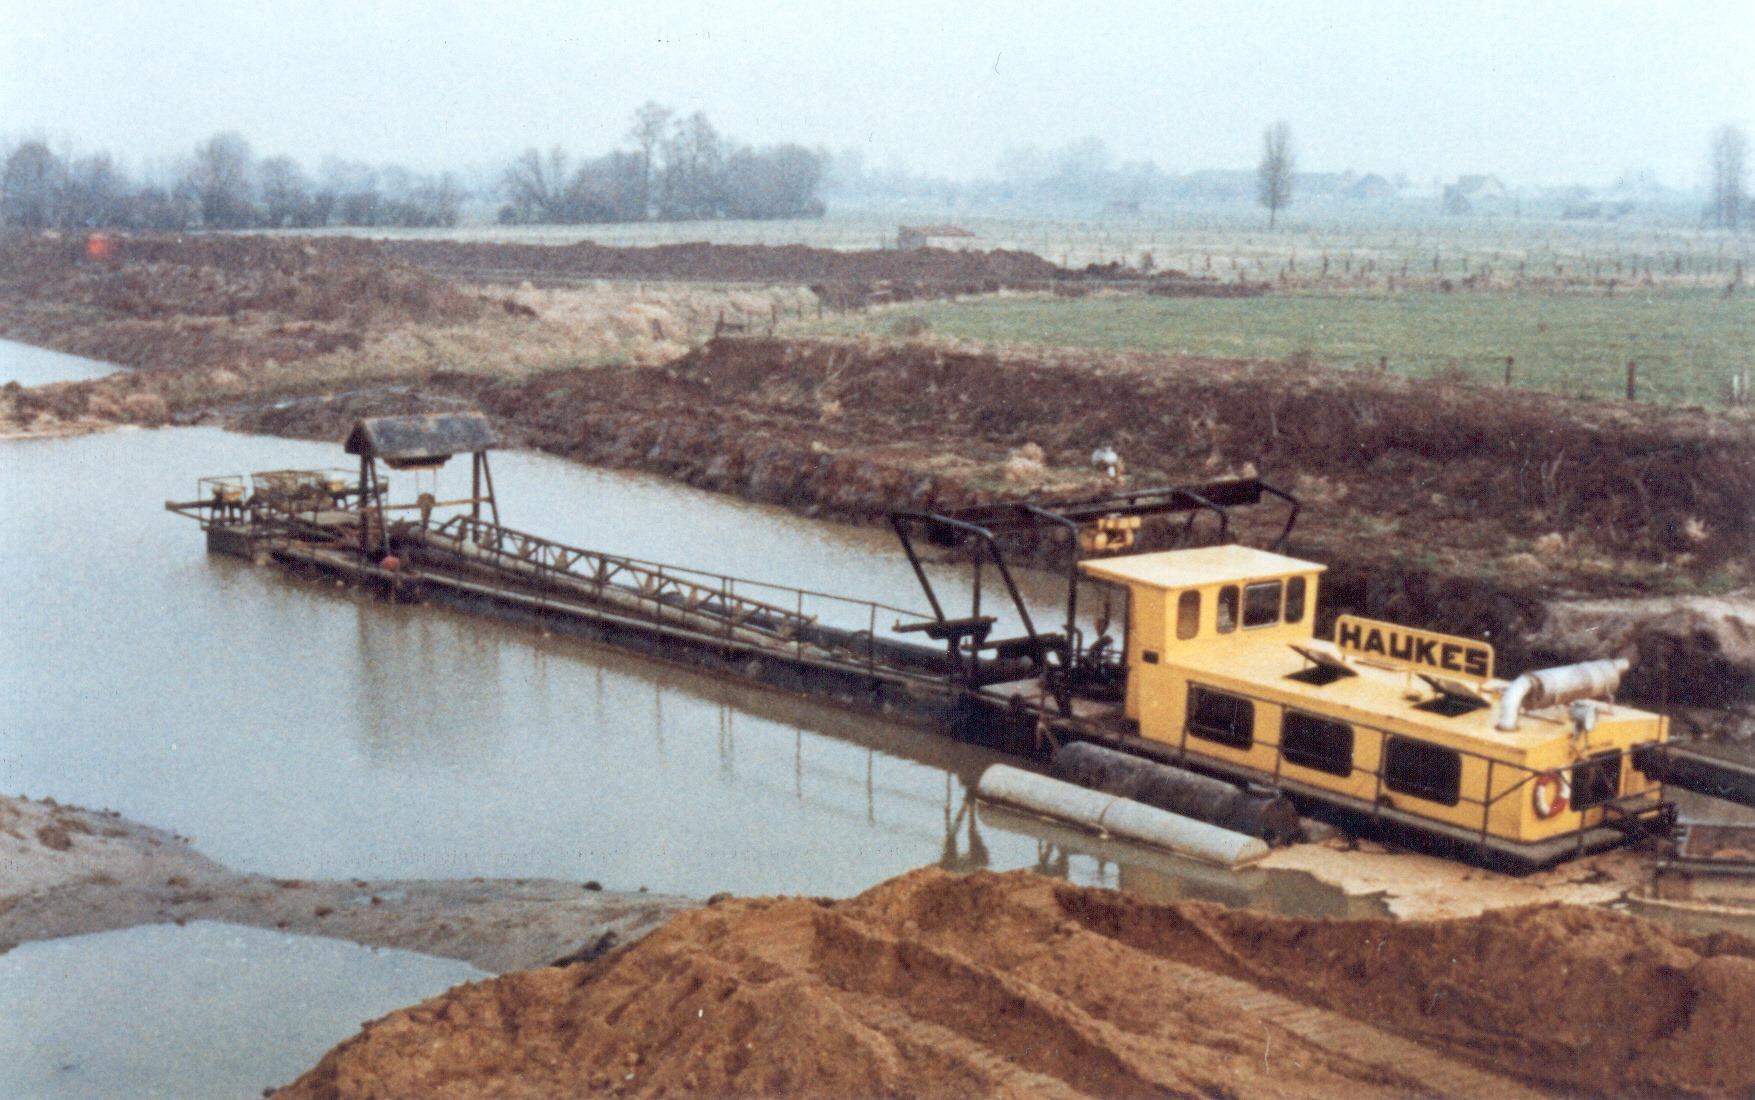 Han-Megens-De-Wihag-zandzuiger-van-Haukes-aan-werk-in-Echt-Limburg